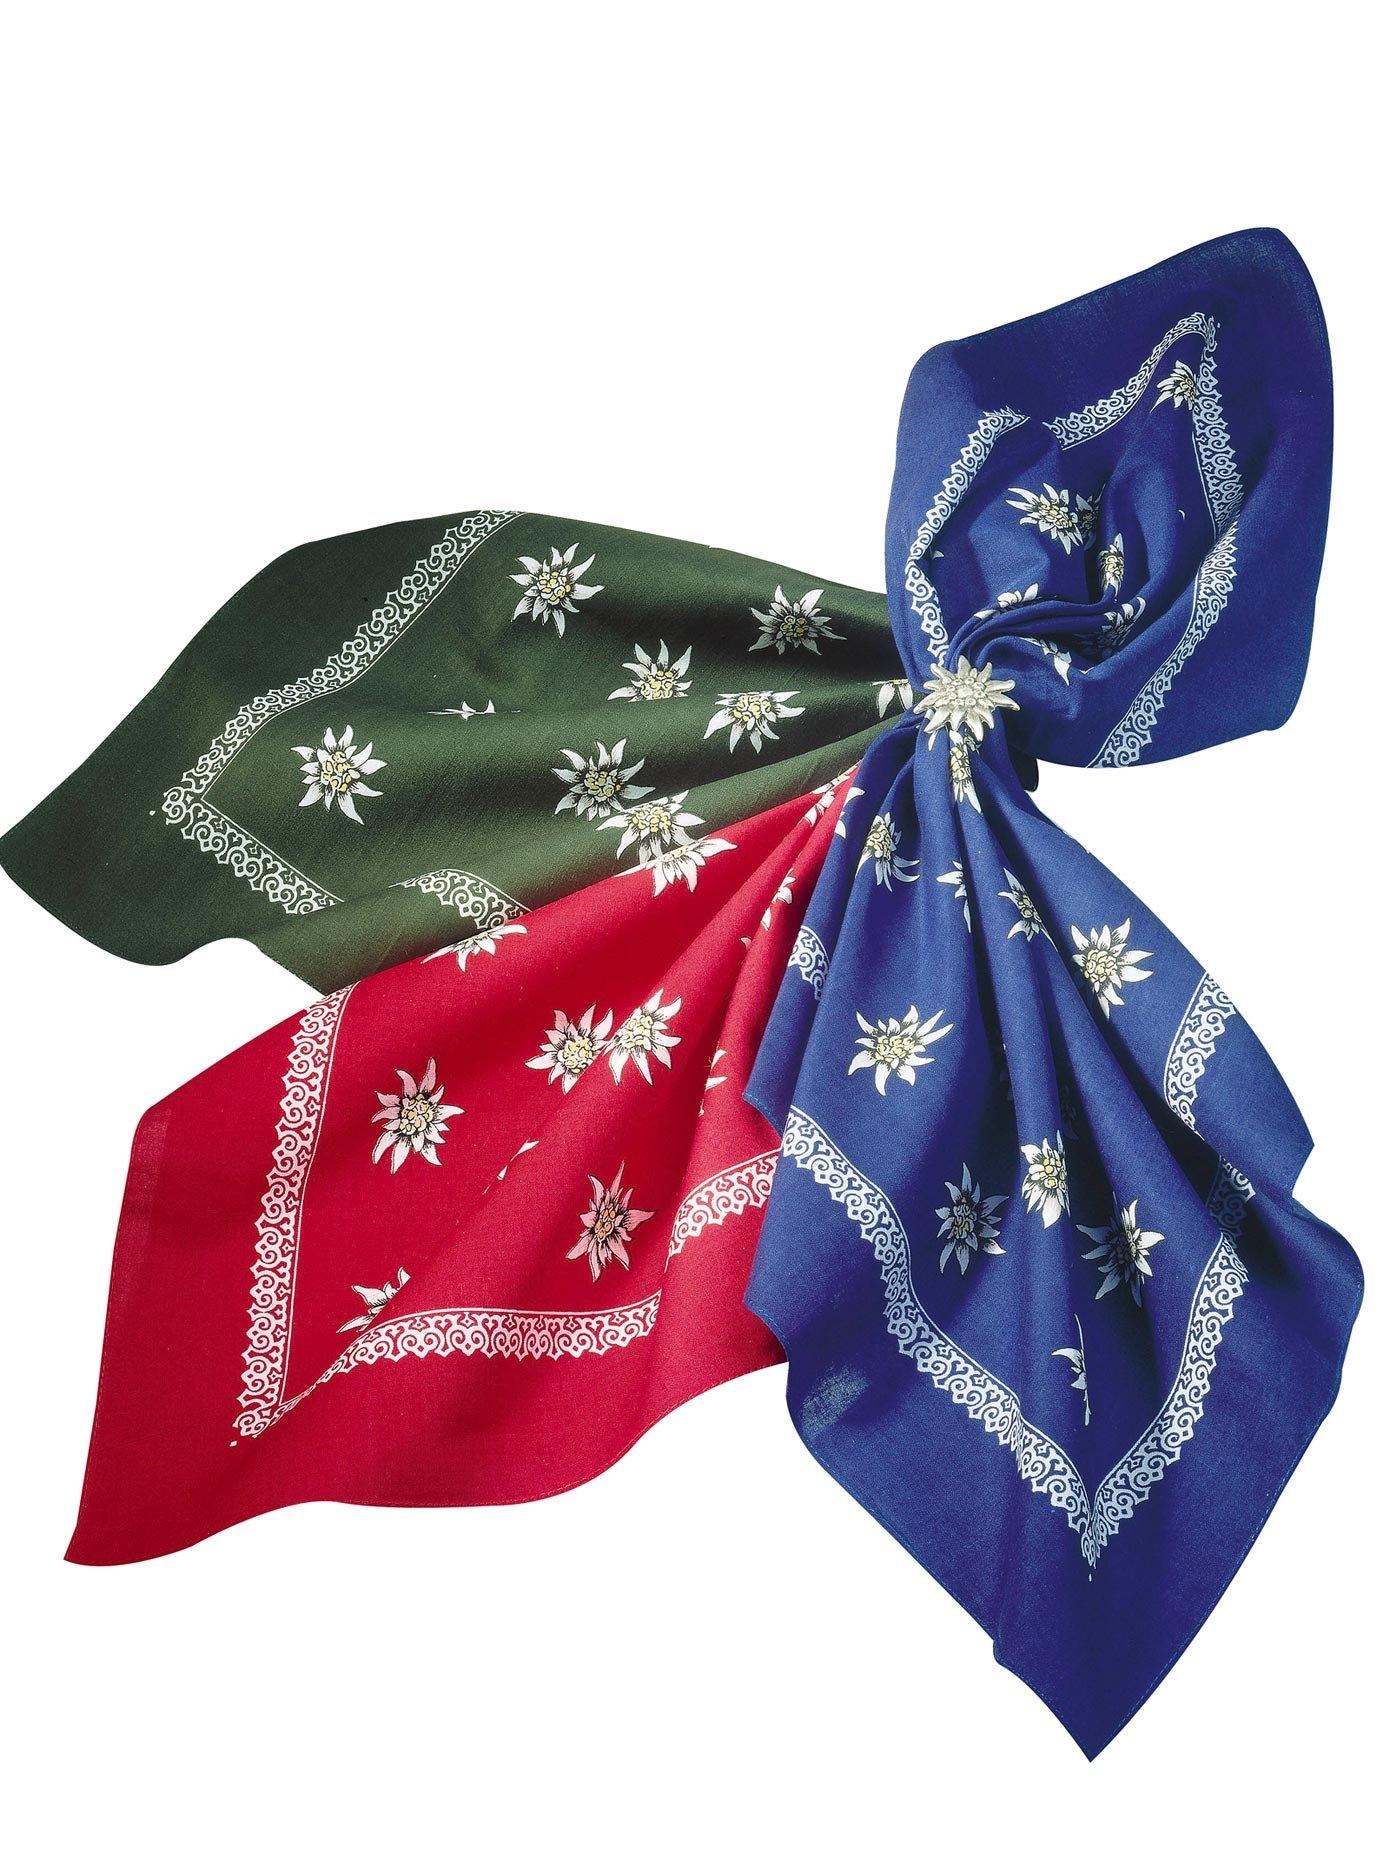 Casual Looks modieus sjaaltje (5 stuks) voordelig en veilig online kopen